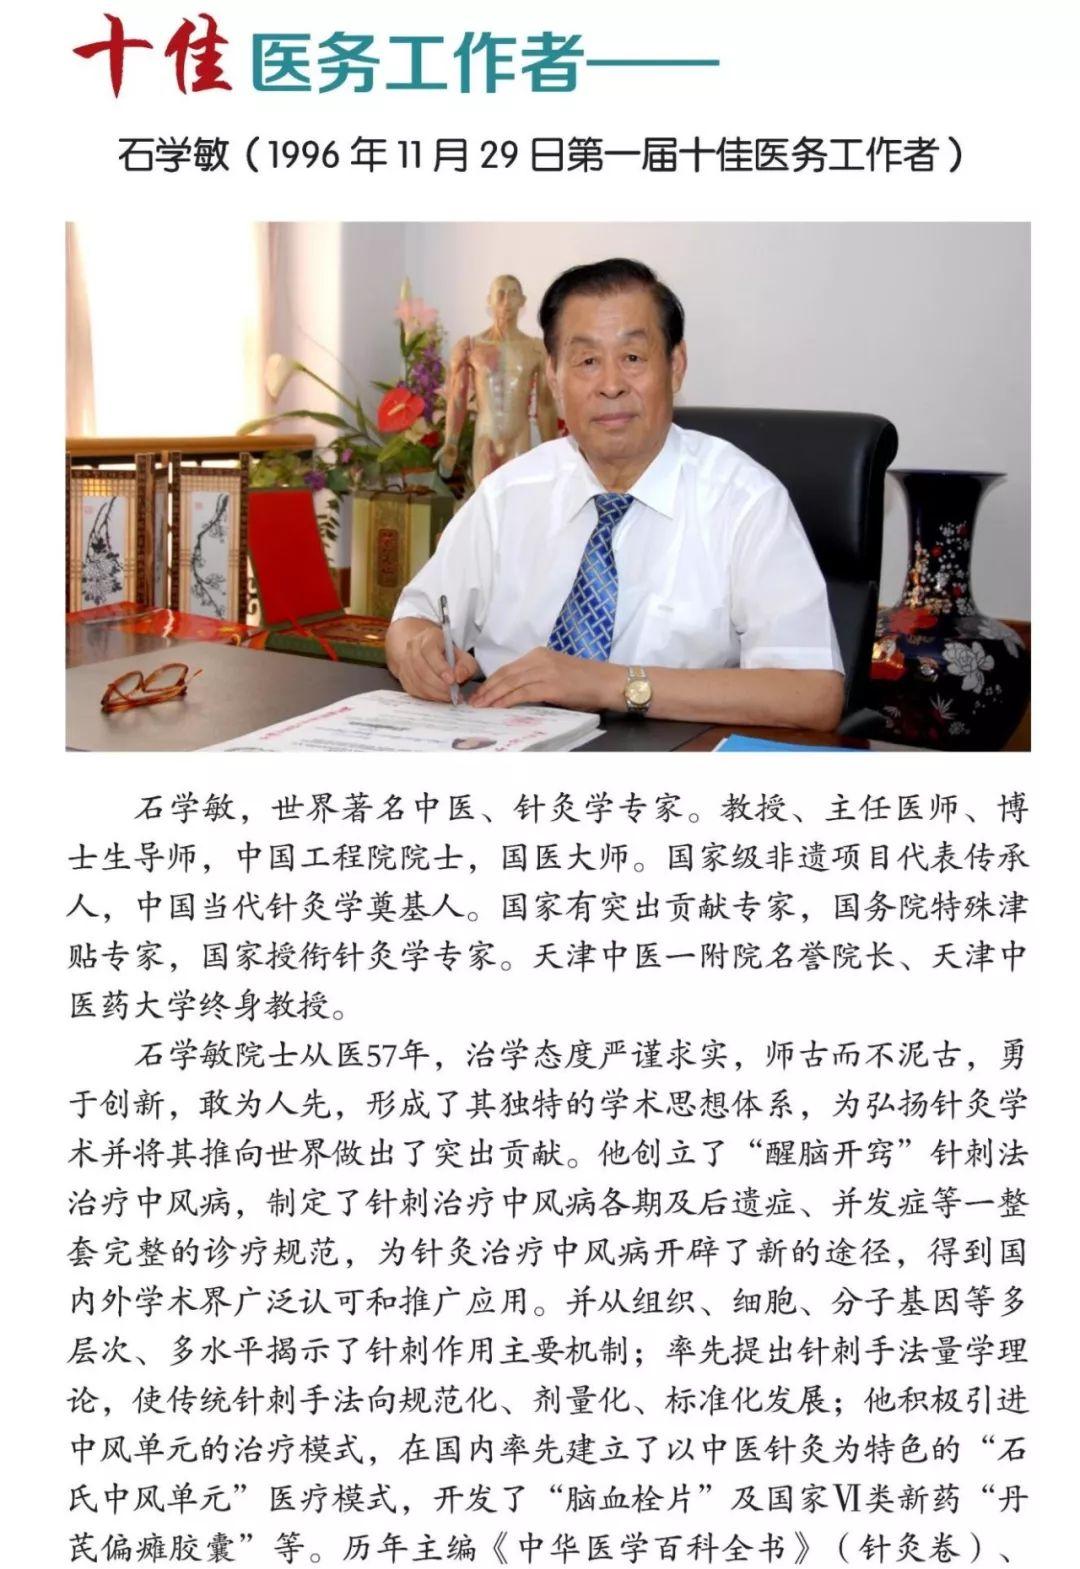 【不忘初心 牢记使命】先进典型教育:天津市第一届十佳医务工作者-石